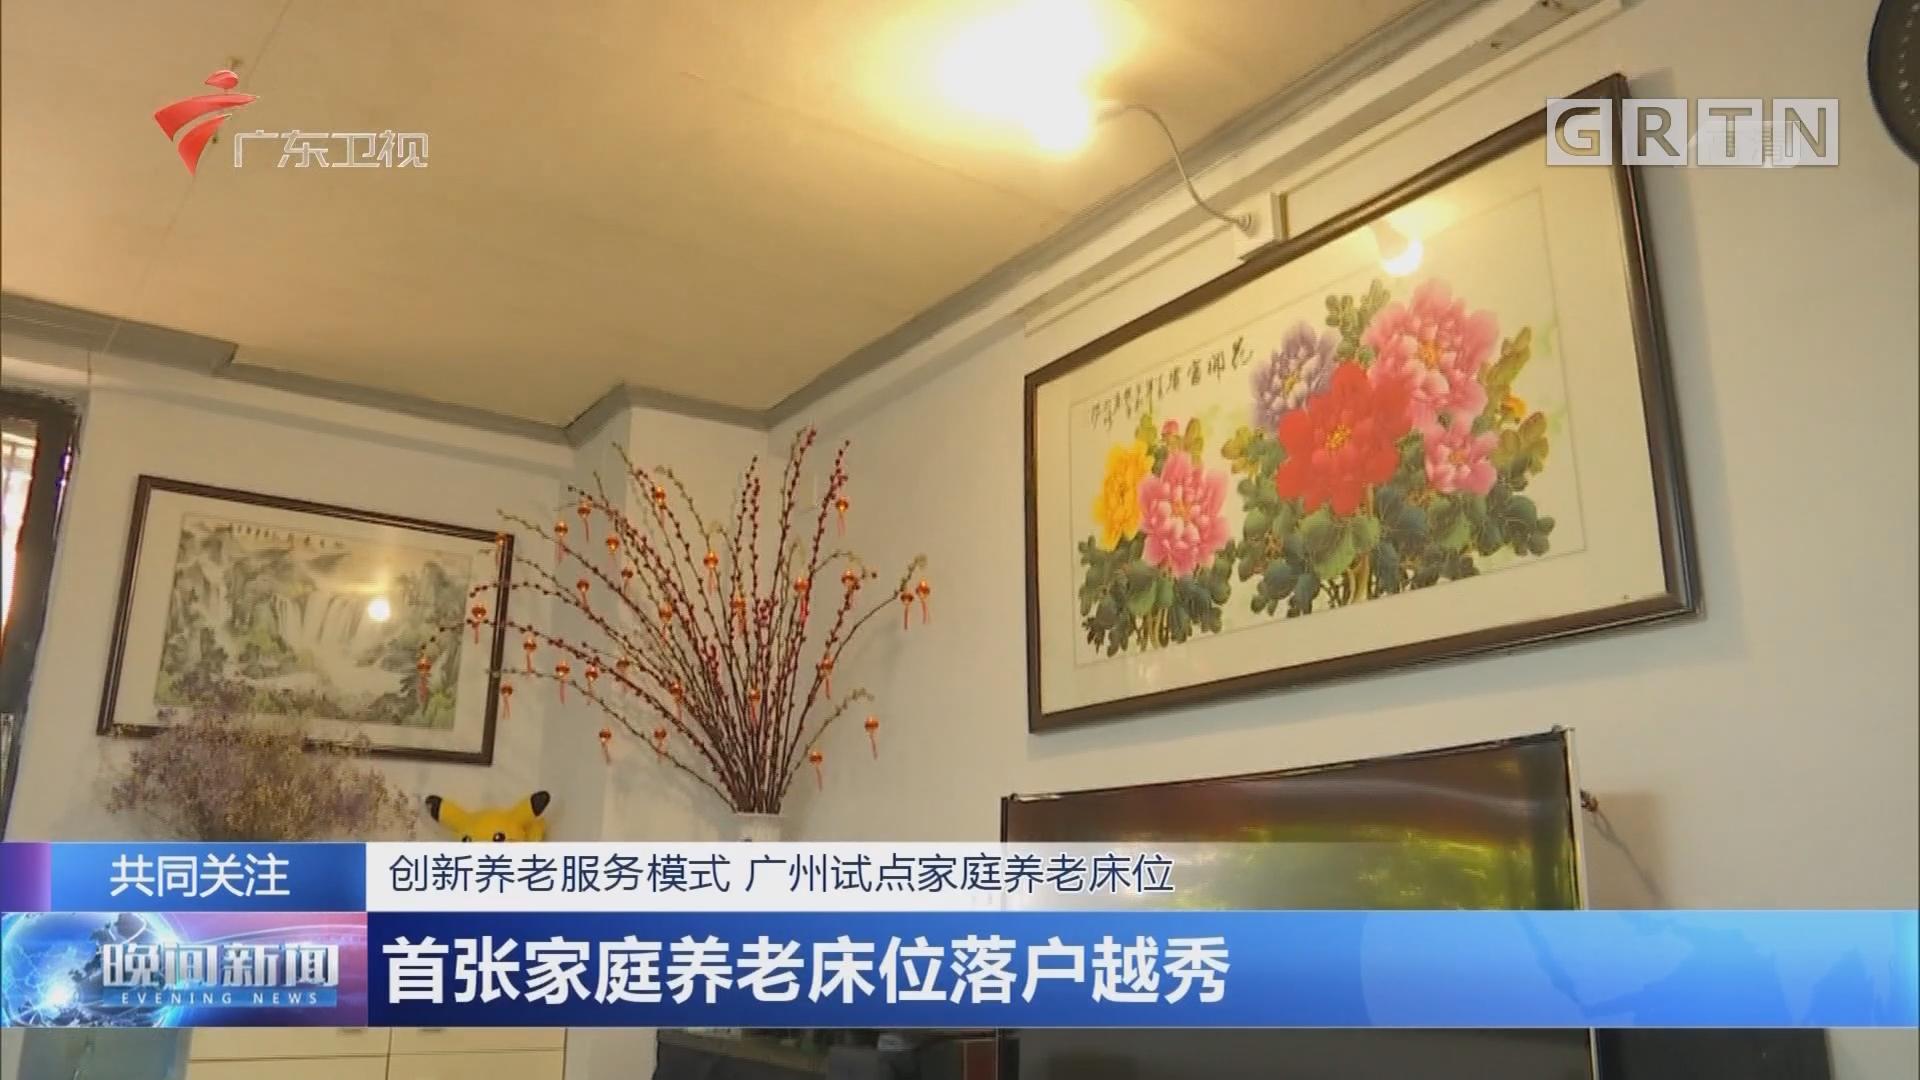 创新养老服务模式 广州试点家庭养老床位:首张家庭养老床位落户越秀